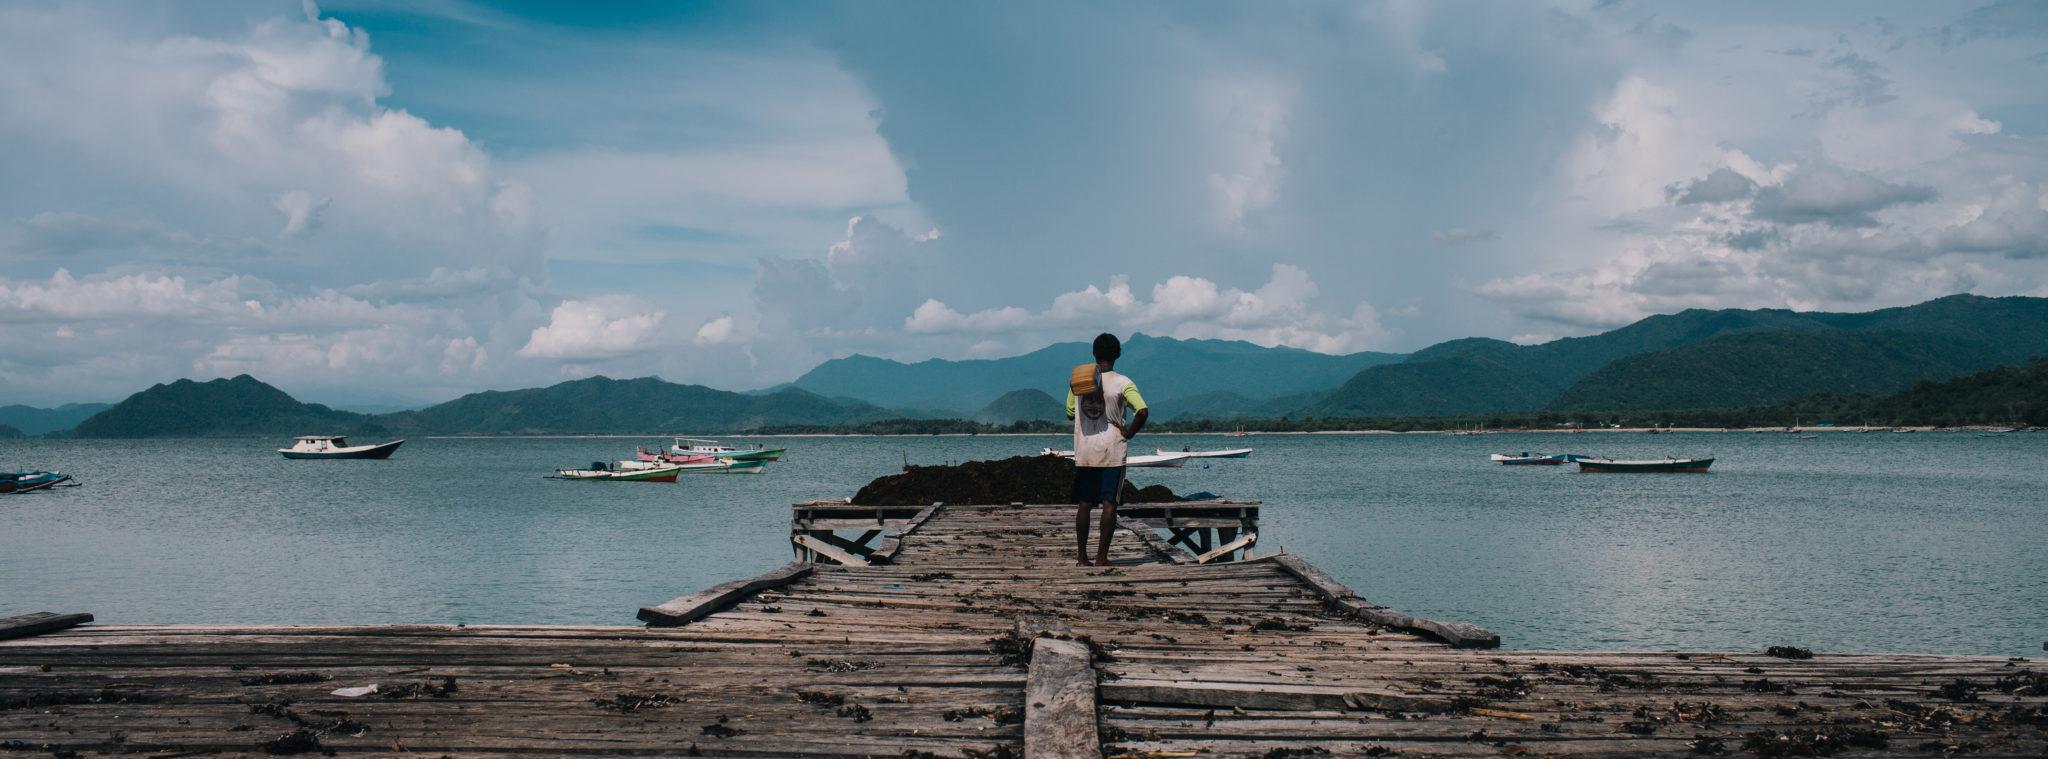 Sumbawa-Pier-Man-Slider